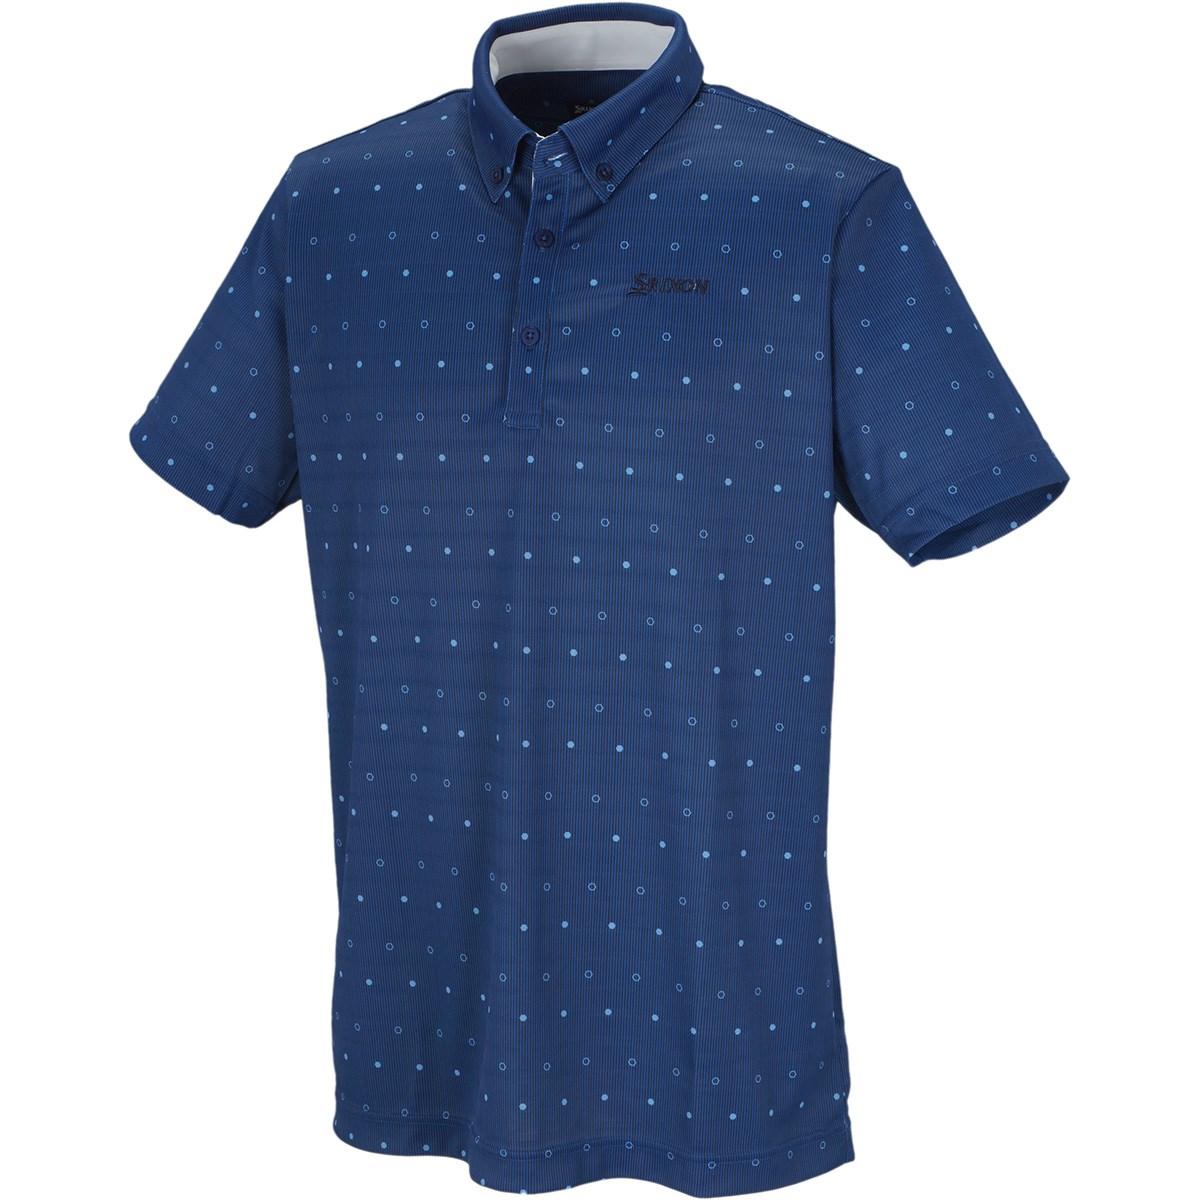 スリクソンゴルフ SRIXON スムースメッシュプリント半袖ポロシャツ 3L ネイビー 00